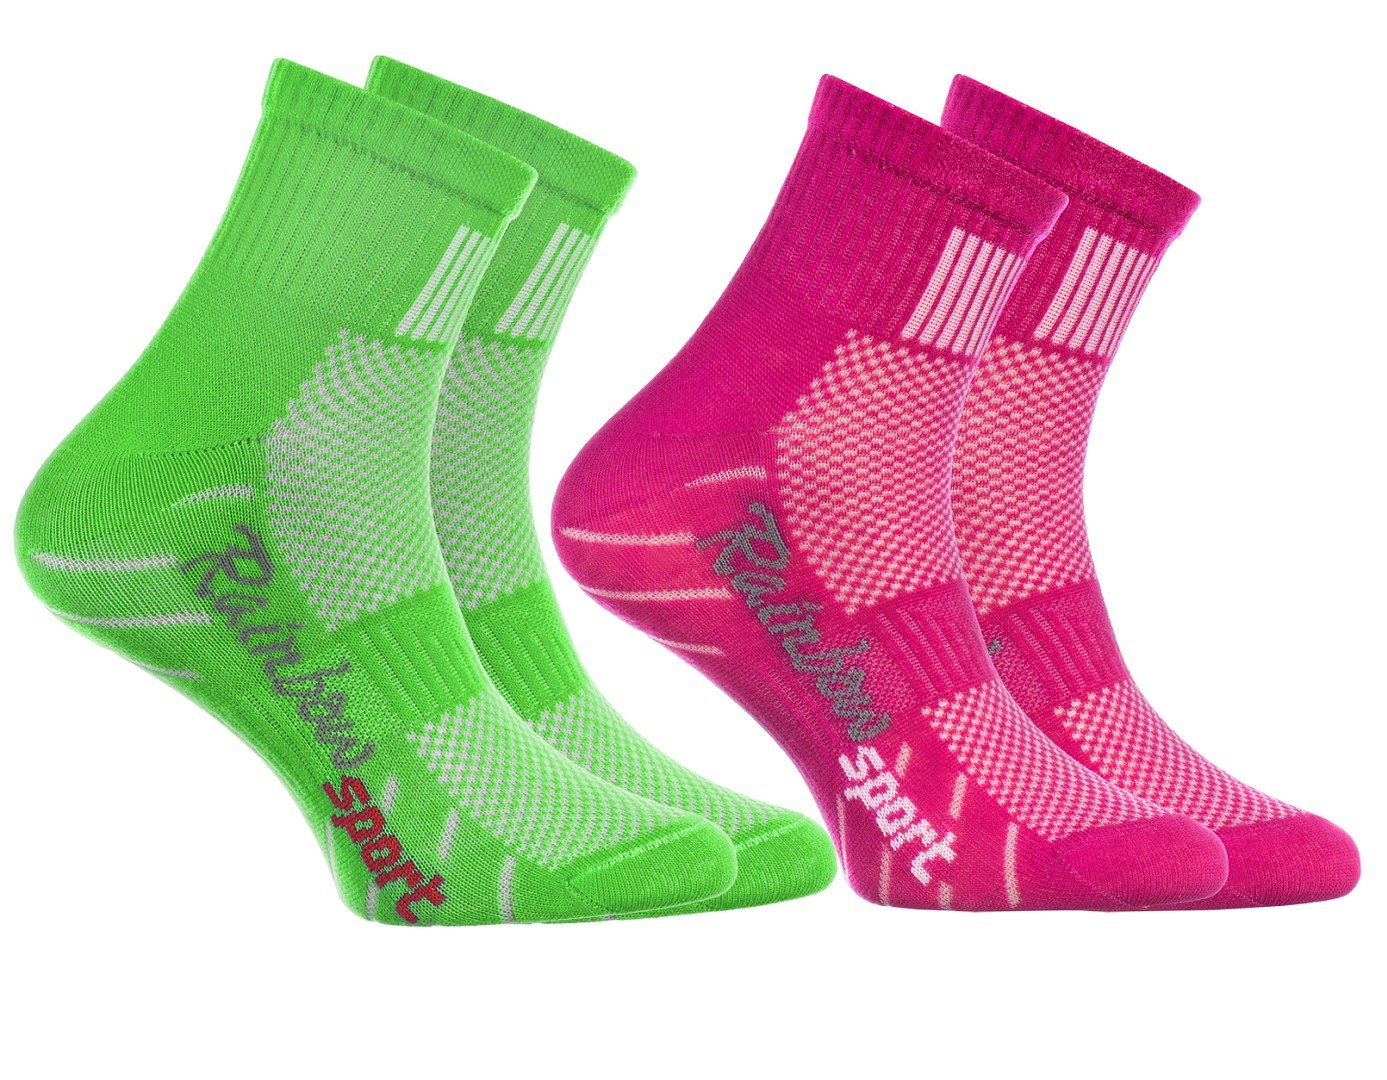 Rainbow Socks - Calzini Sportivi per BAMBINI - COTONE Respirante - da Correre Bicicletta ed altri SPORT - Attrattive Combinazioni di Colori |per Ragazza e Ragazzo, Numeri: EU 24-29 e 30-35, Made in EU